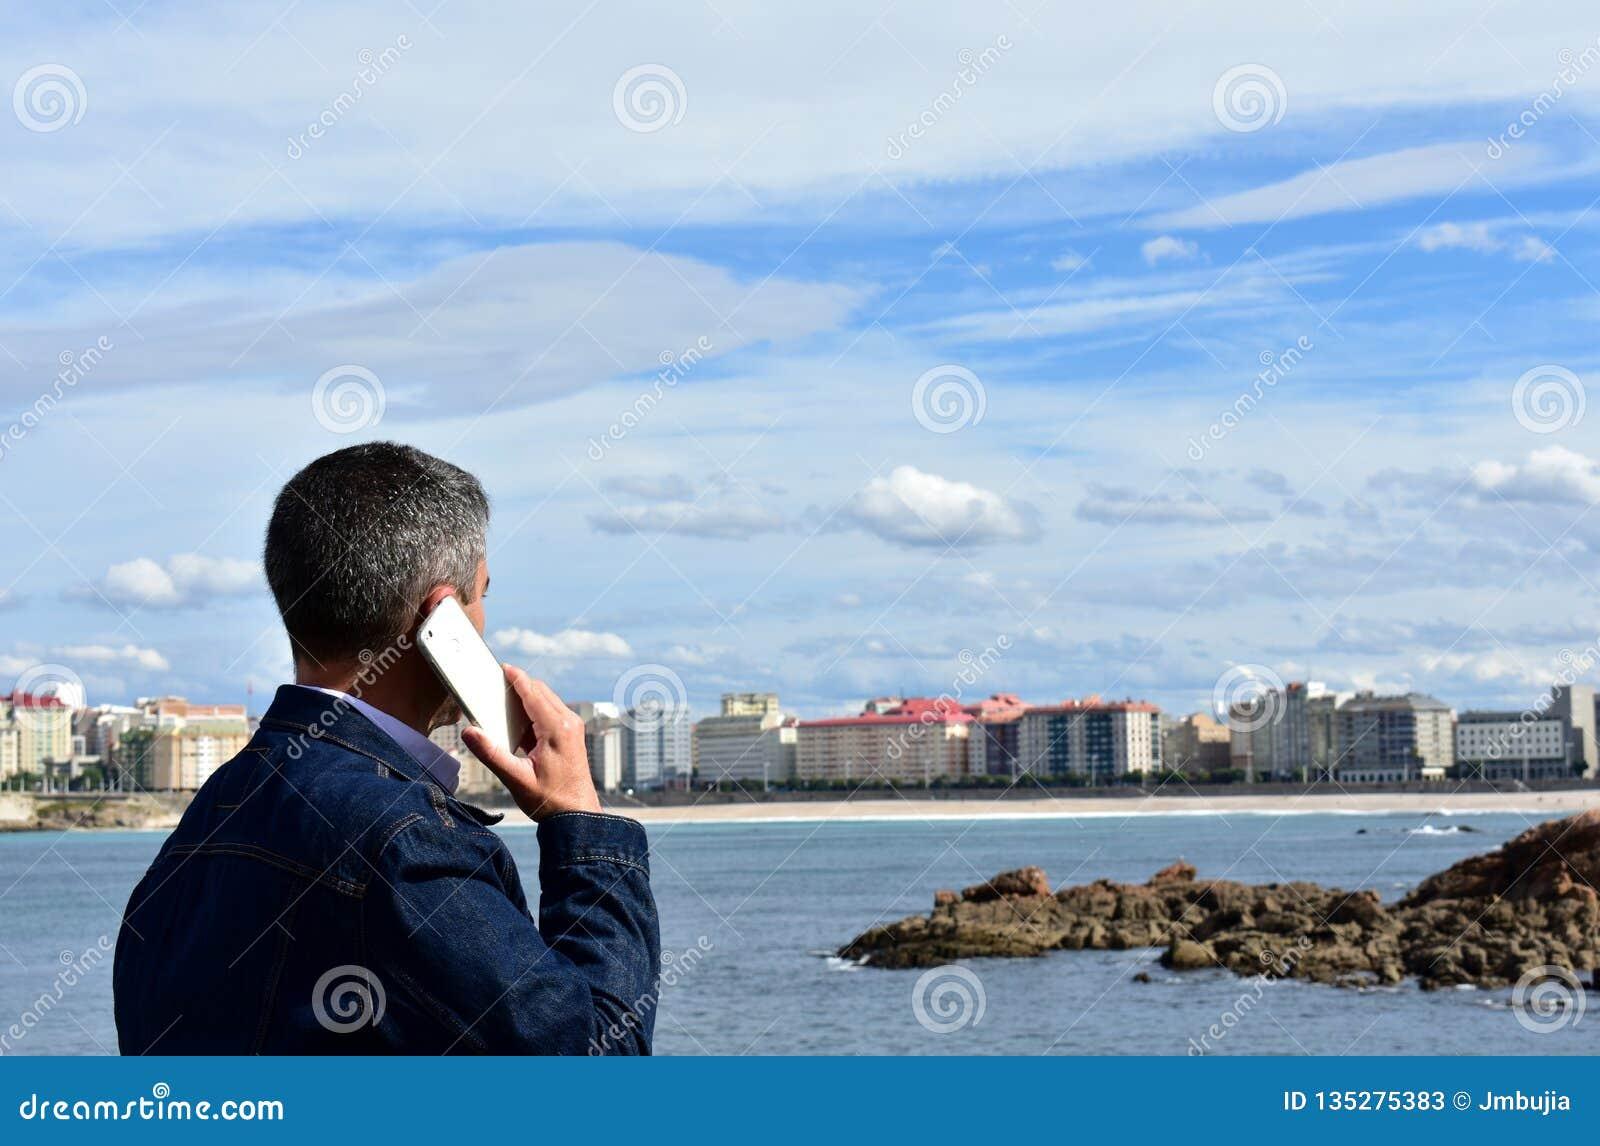 Άτομο που μιλά σε ένα smartphone σε έναν κόλπο Άποψη παραλιών, περιπάτων και πόλεων